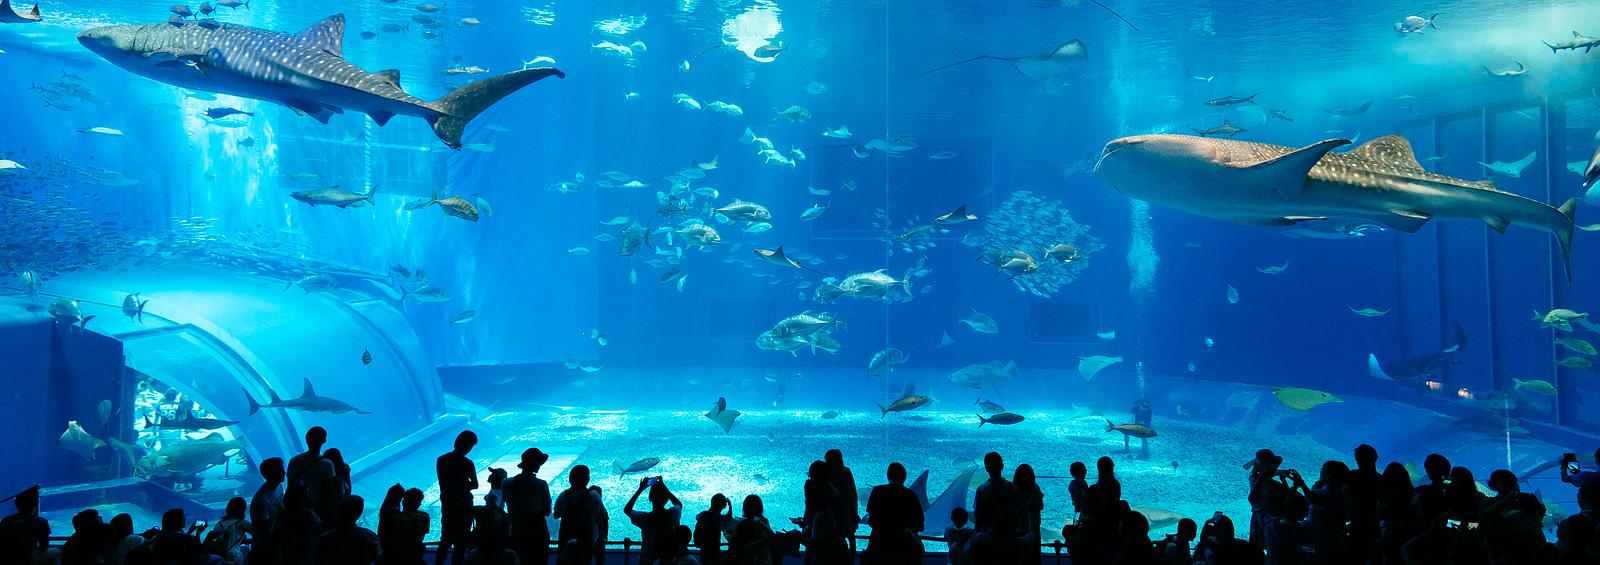 沖繩必來的美麗海水族館